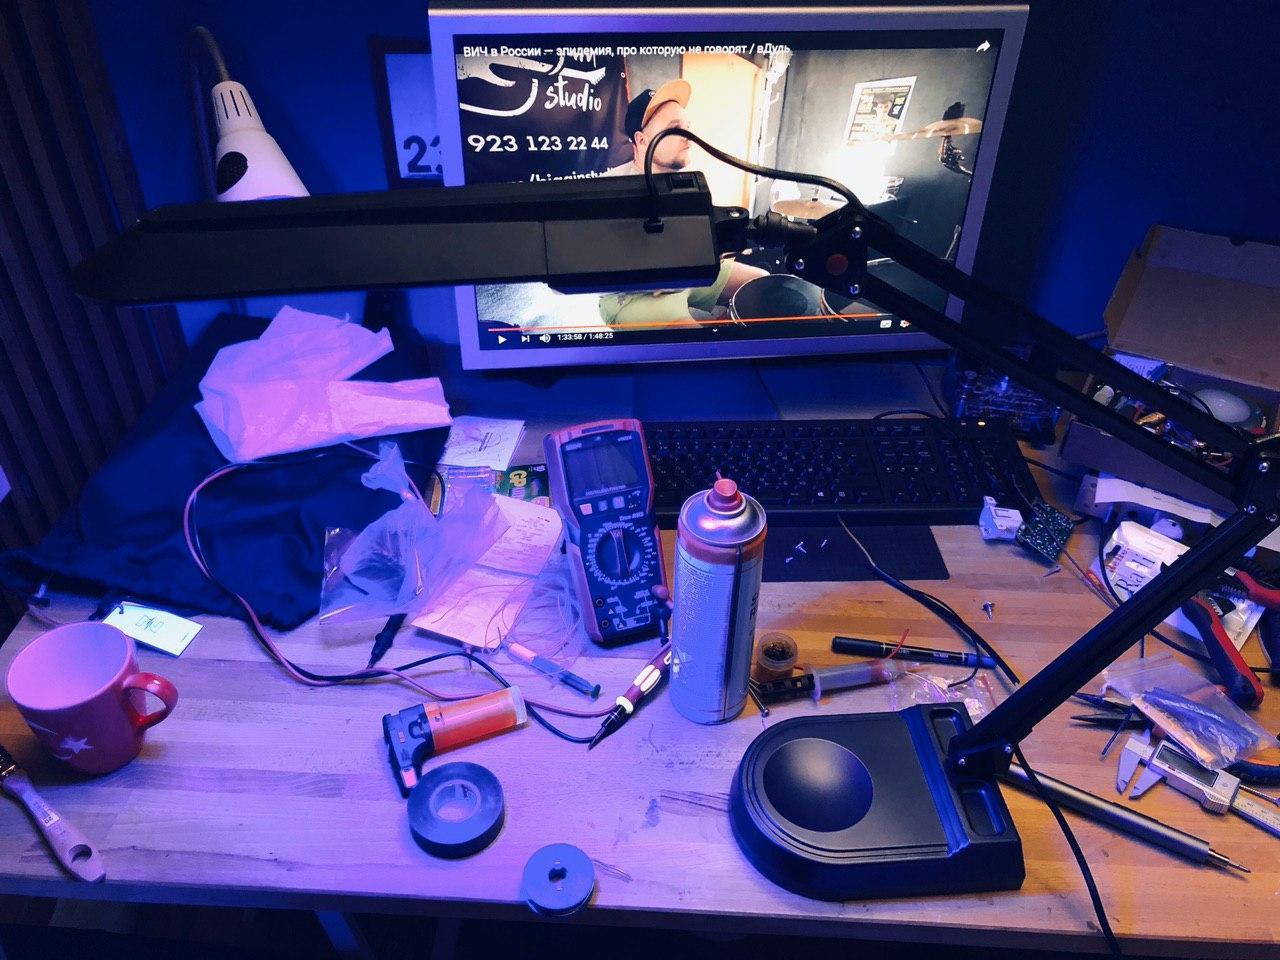 Экспресс UV лампа своими руками 400-405 нм для полимеризации 3D фотополимерных моделей - 21